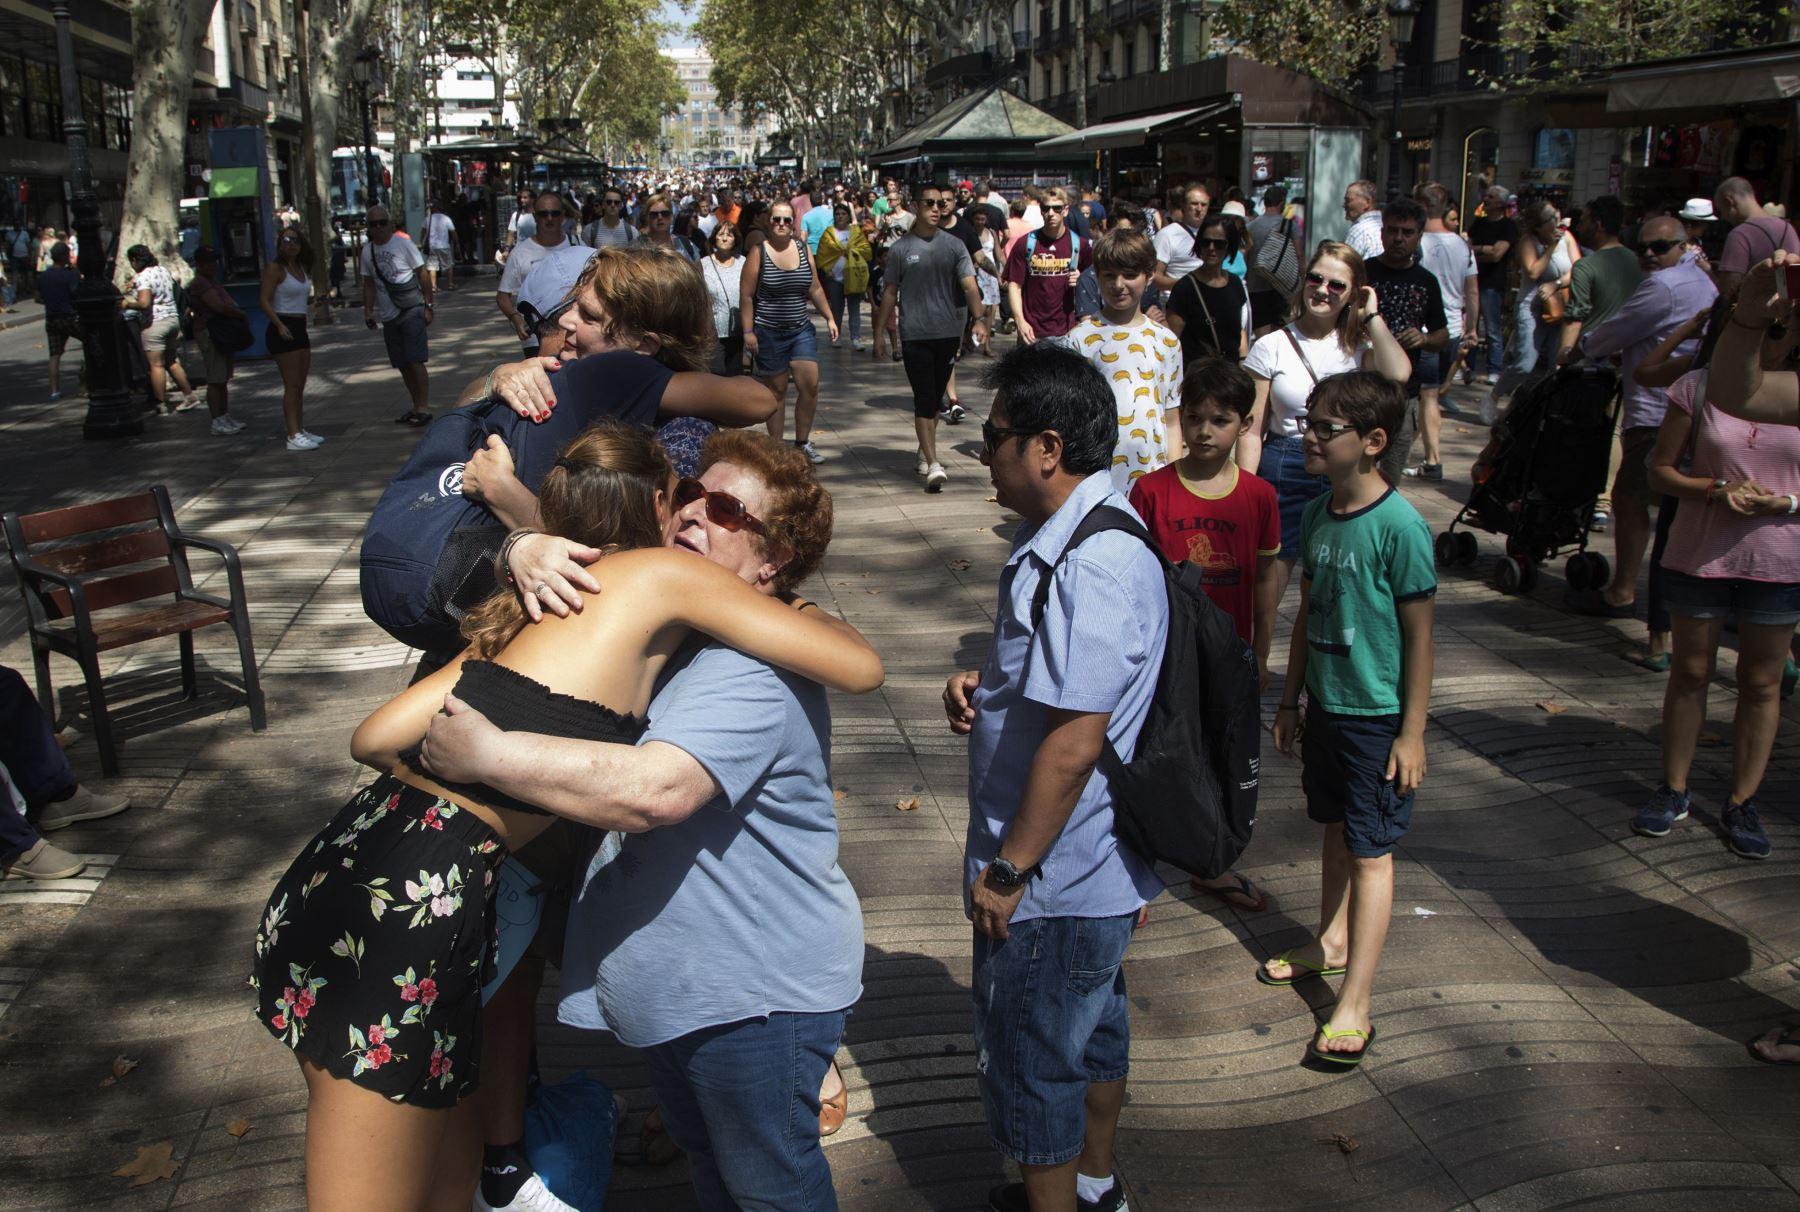 Gestos de homenaje y mensajes de apoyo a las víctimas del atentado  en las Ramblas de Barcelona. vuelven a la normalidad. Foto: EFE